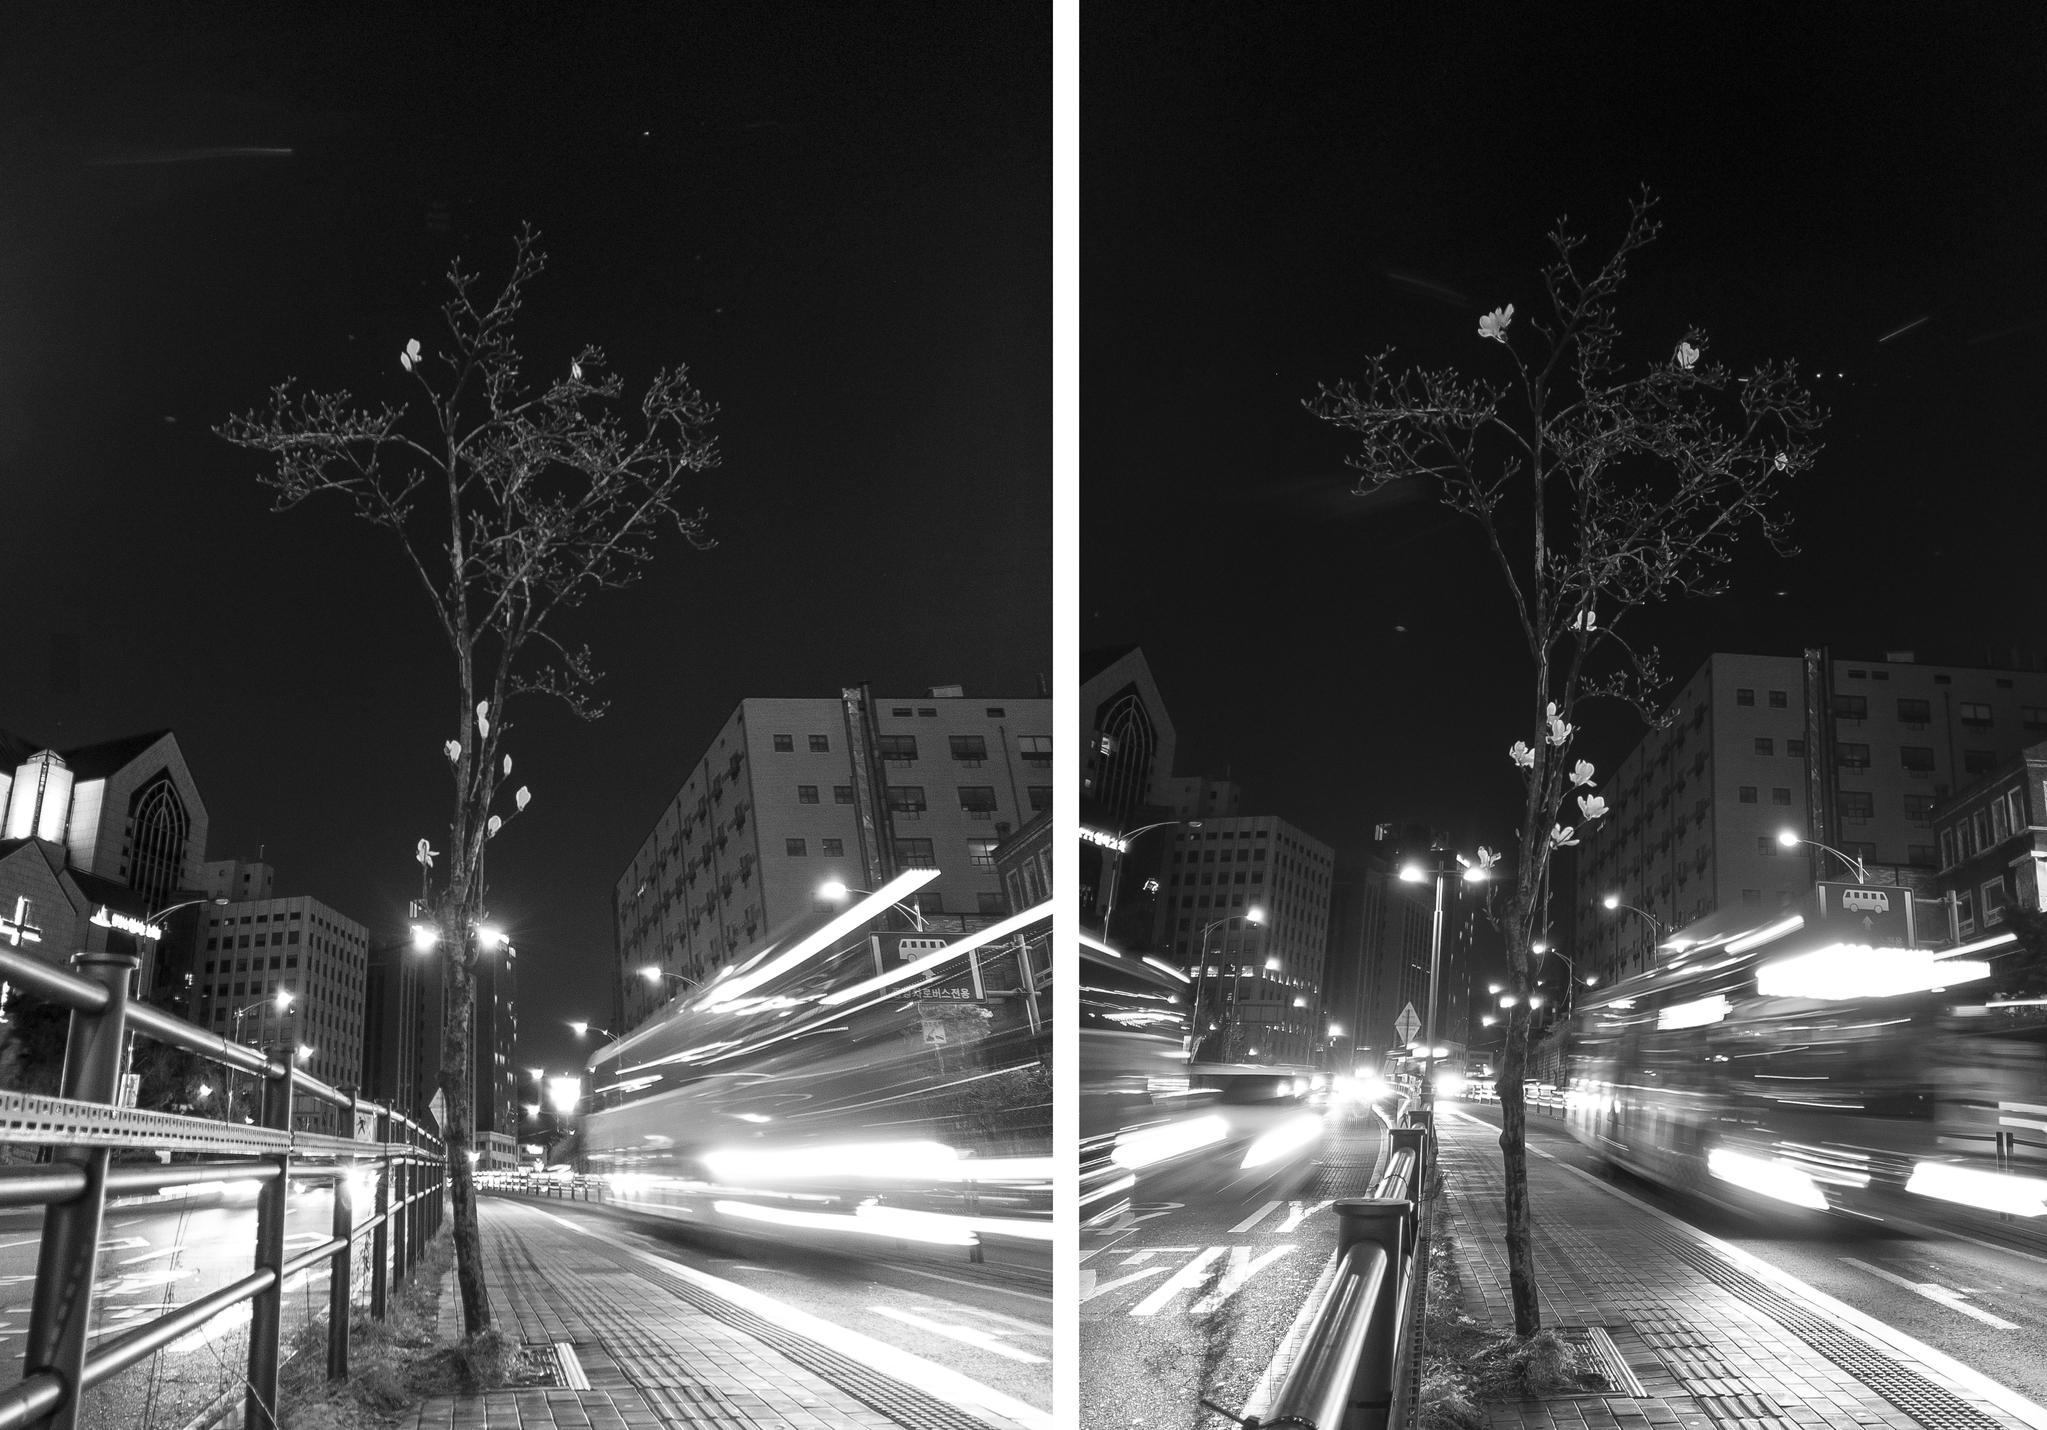 왼쪽 3월 31일 촬영                      오른쪽 4월 5일 촬영